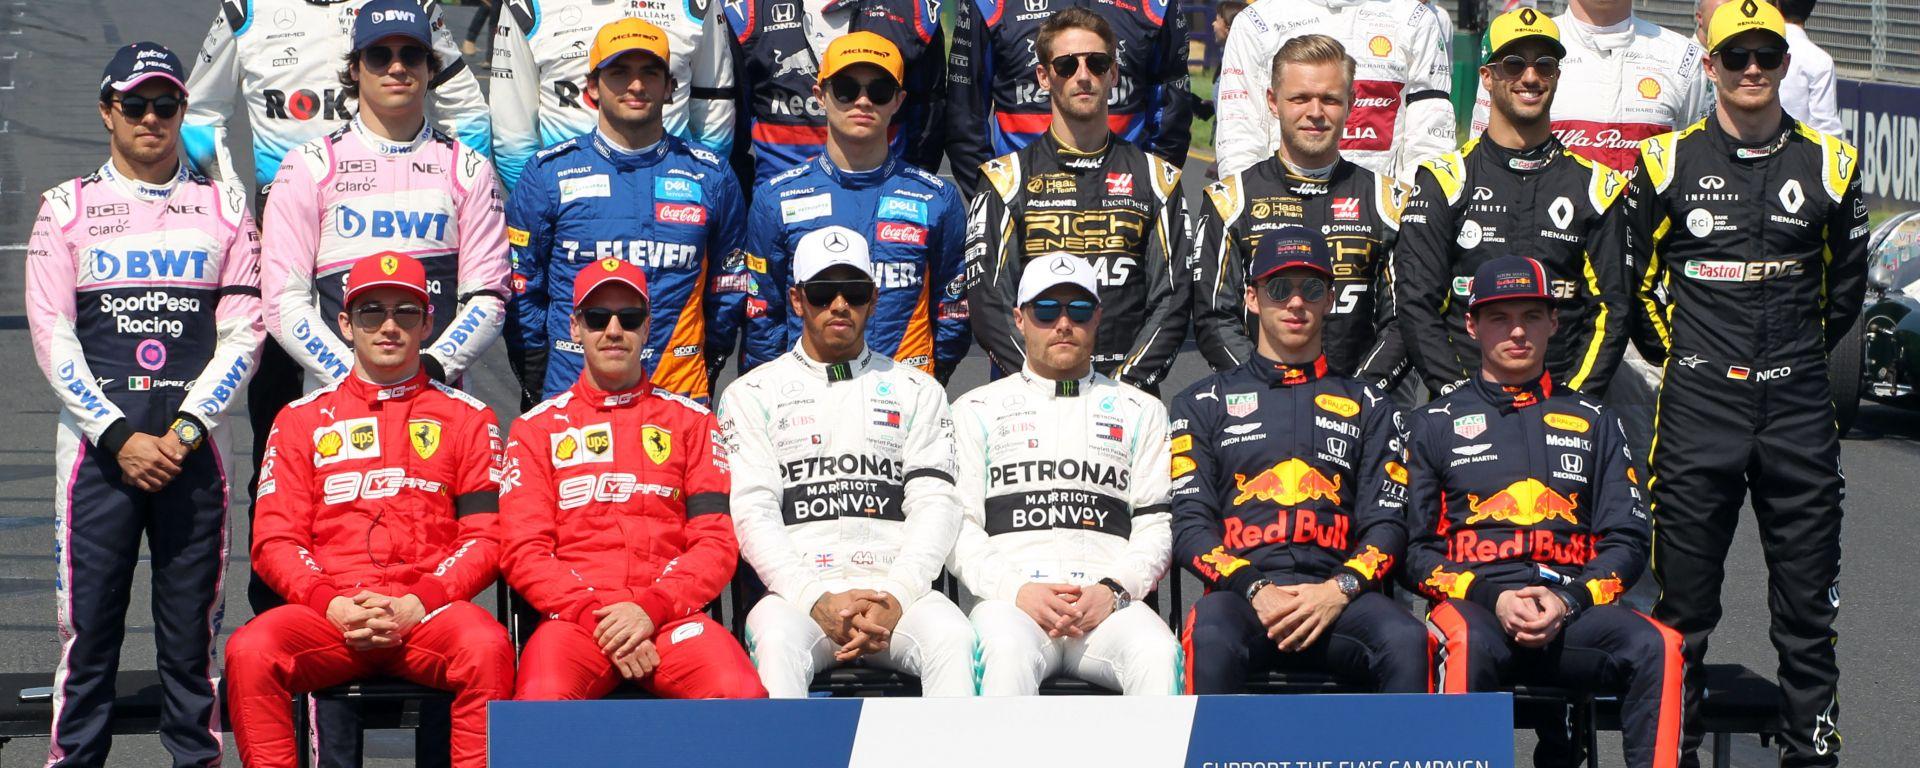 GP Australia 2019, i piloti schierati sulla griglia di partenza